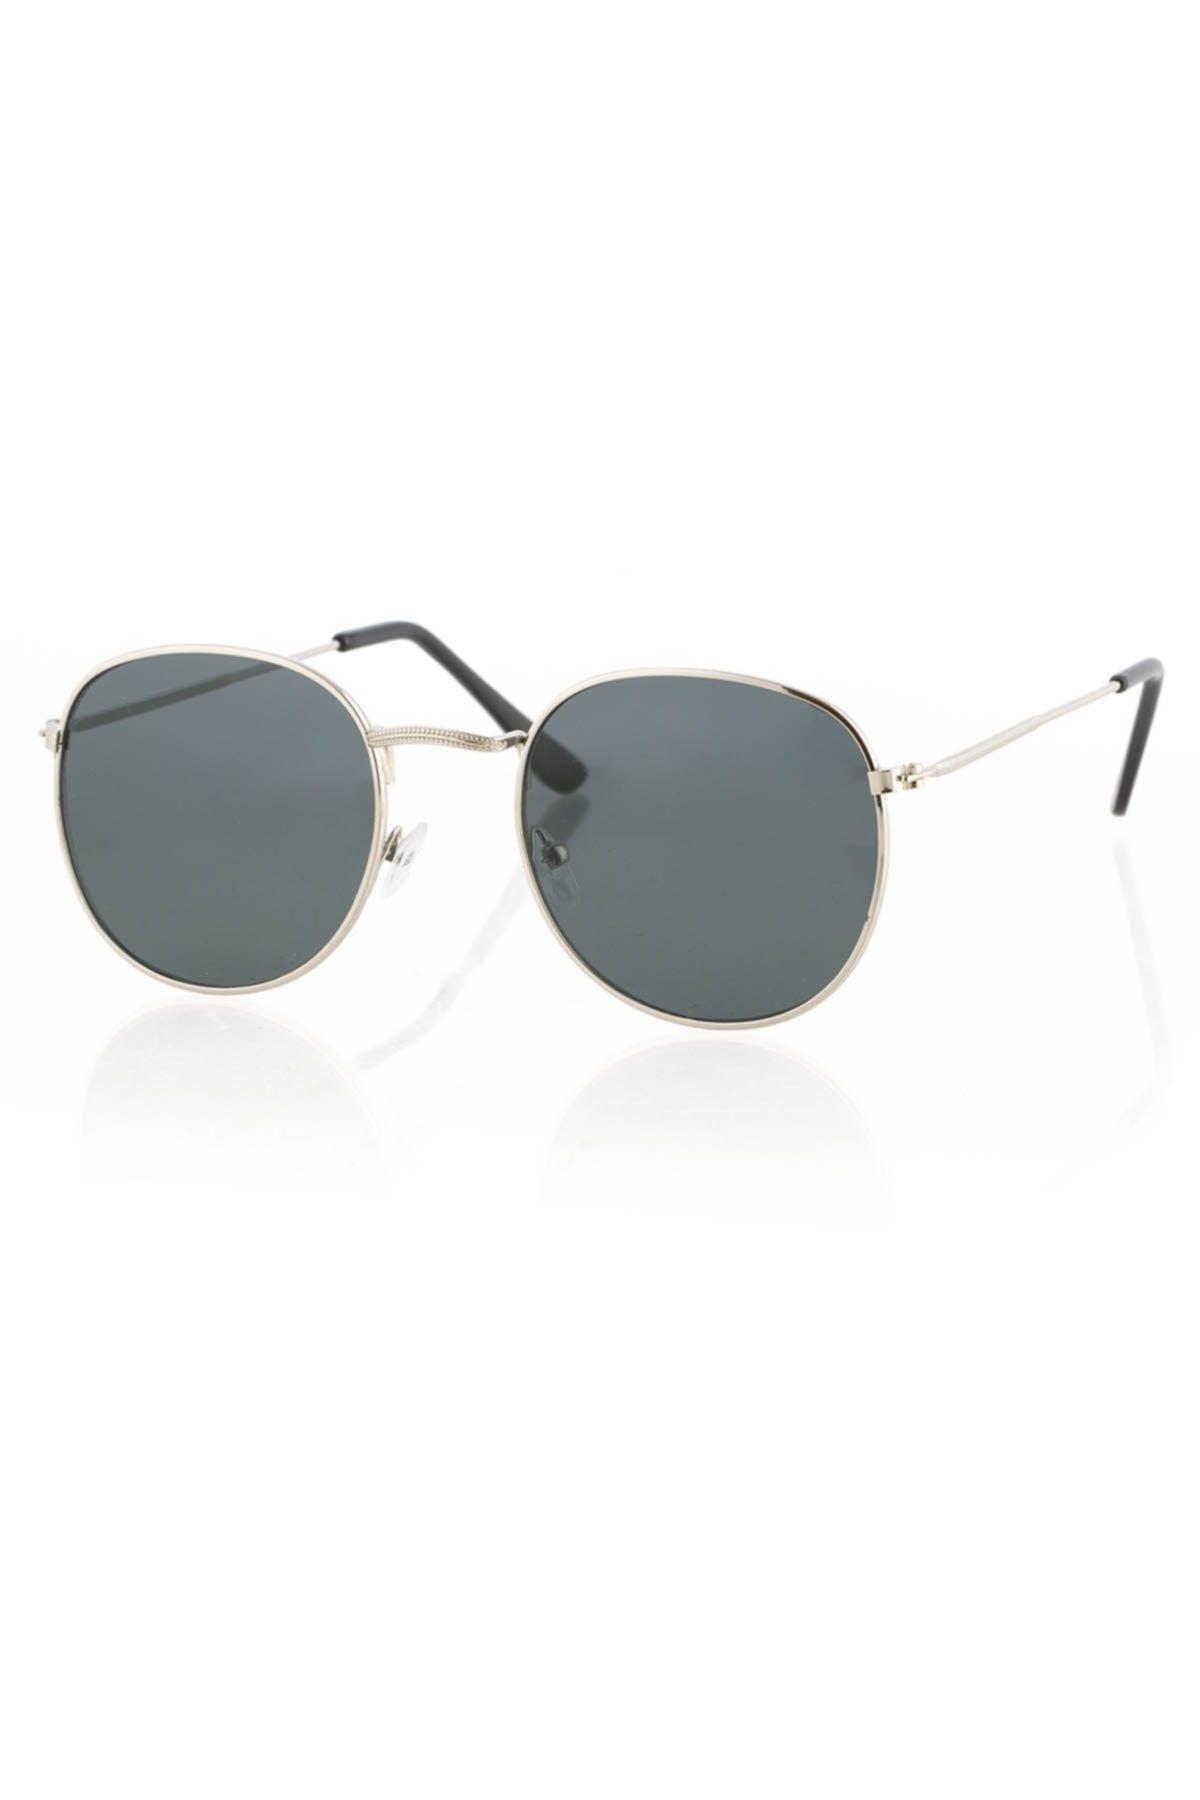 عینک آفتابی زنانه برند پولو 55 رنگ مشکی کد ty6637772